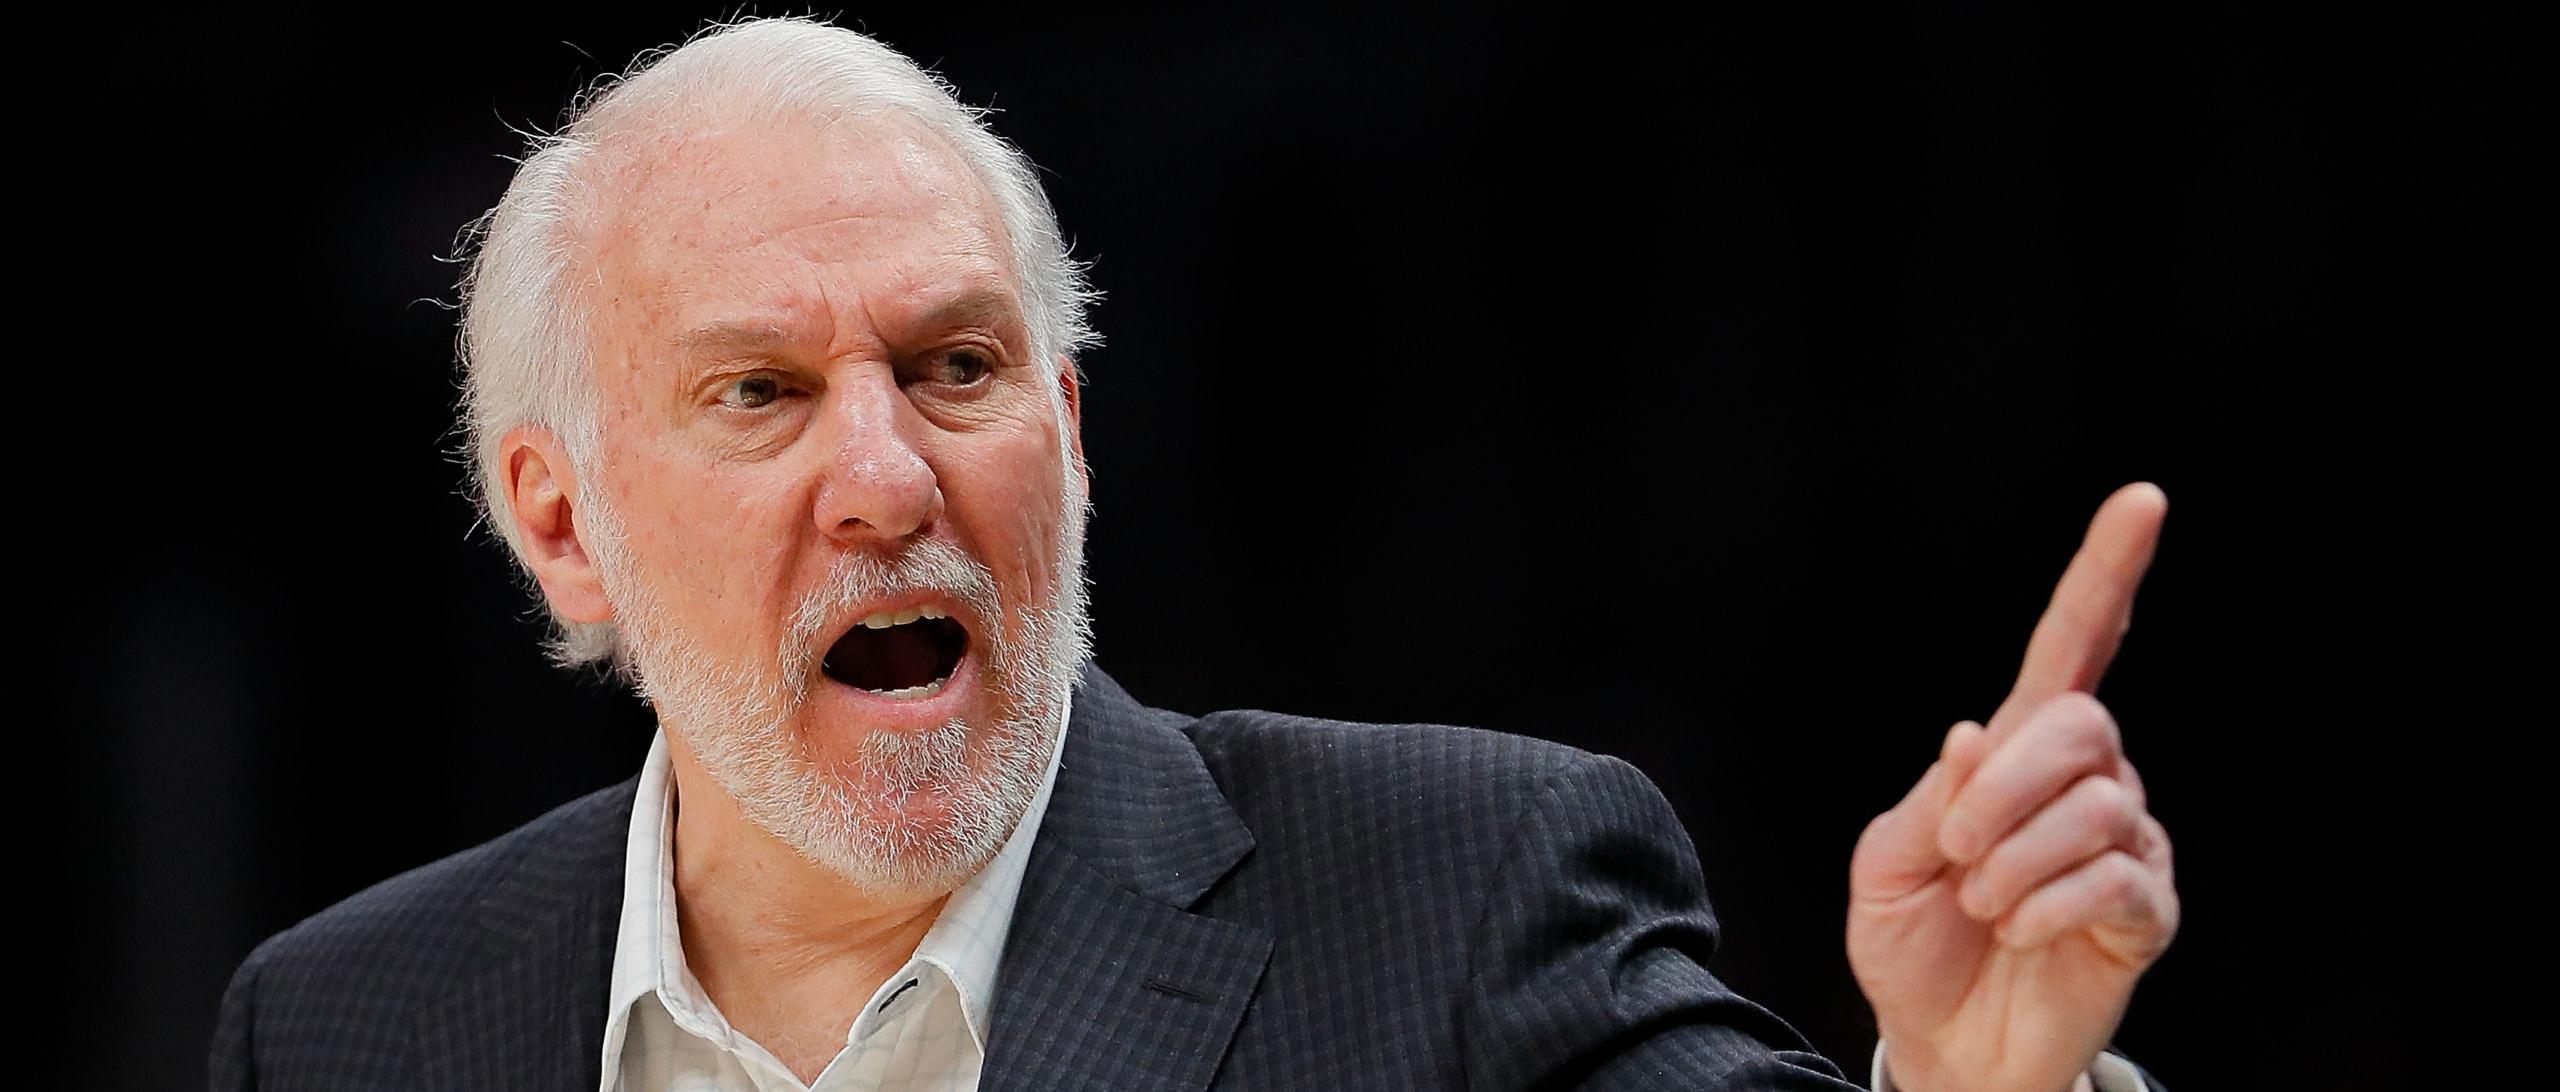 Pronostici NBA di oggi: Spurs eterni, sussulto Raptors e segnali di vita da New York